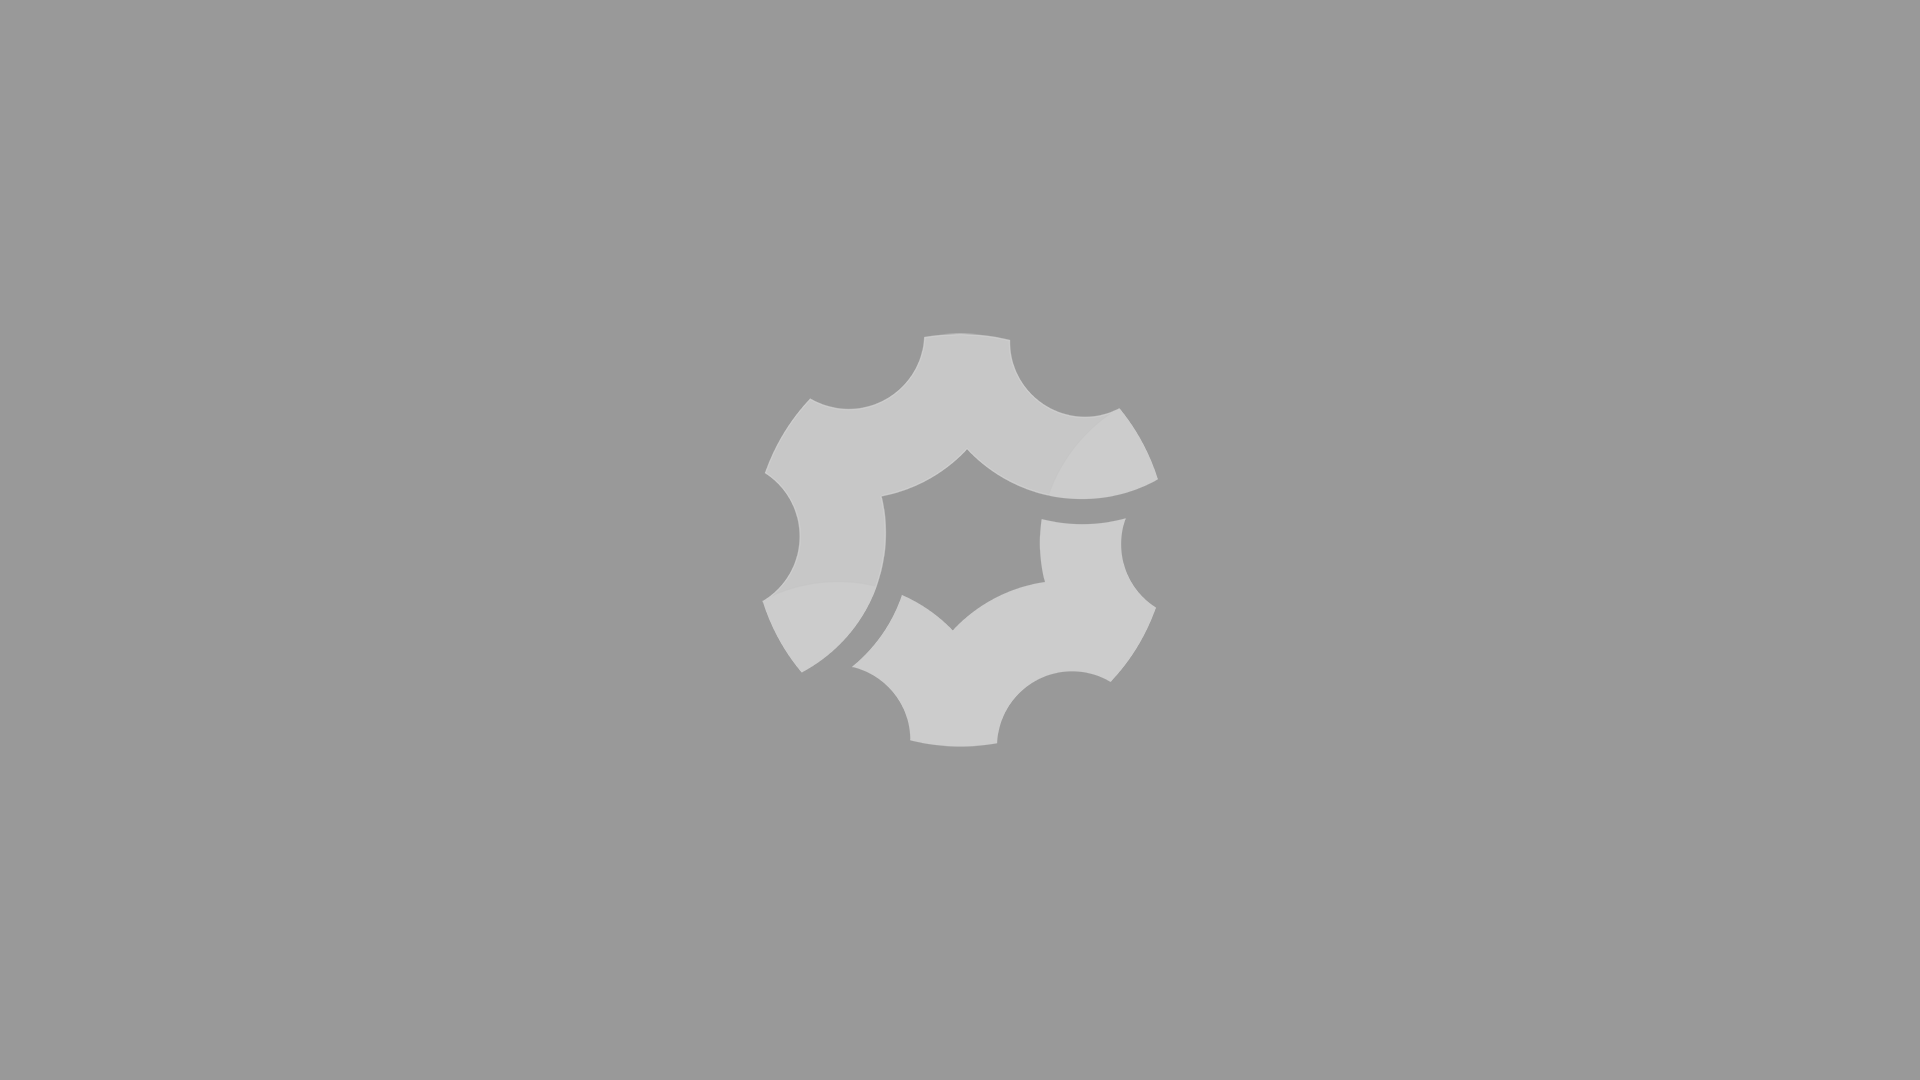 medival_faire_cover.1.jpg